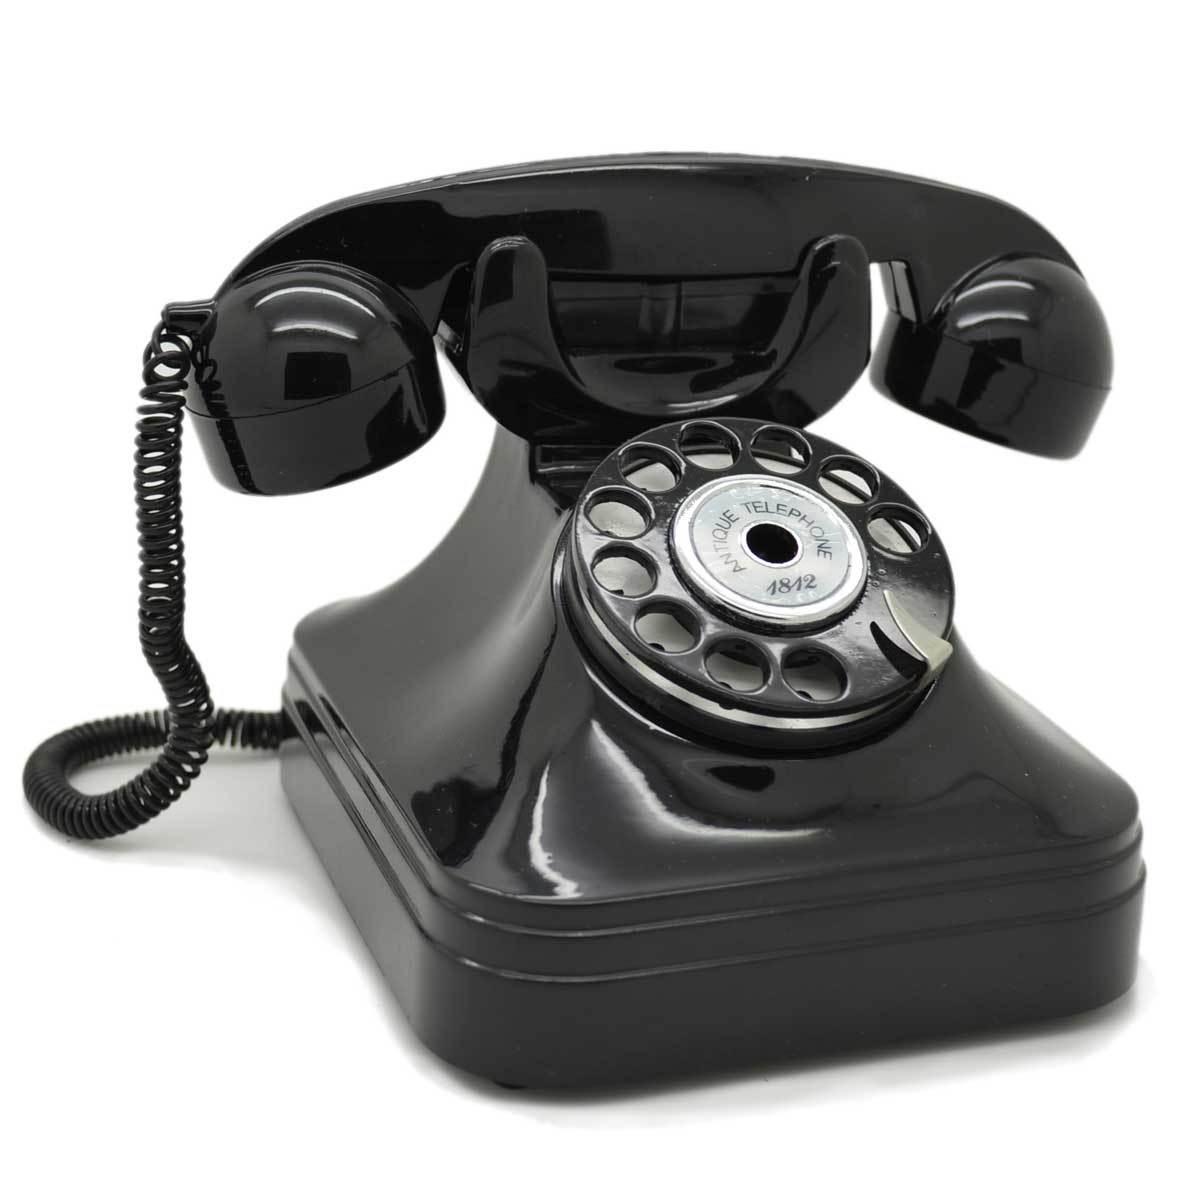 电话号码排行榜_网络电话卡购买排行榜快拨网络电话热度高